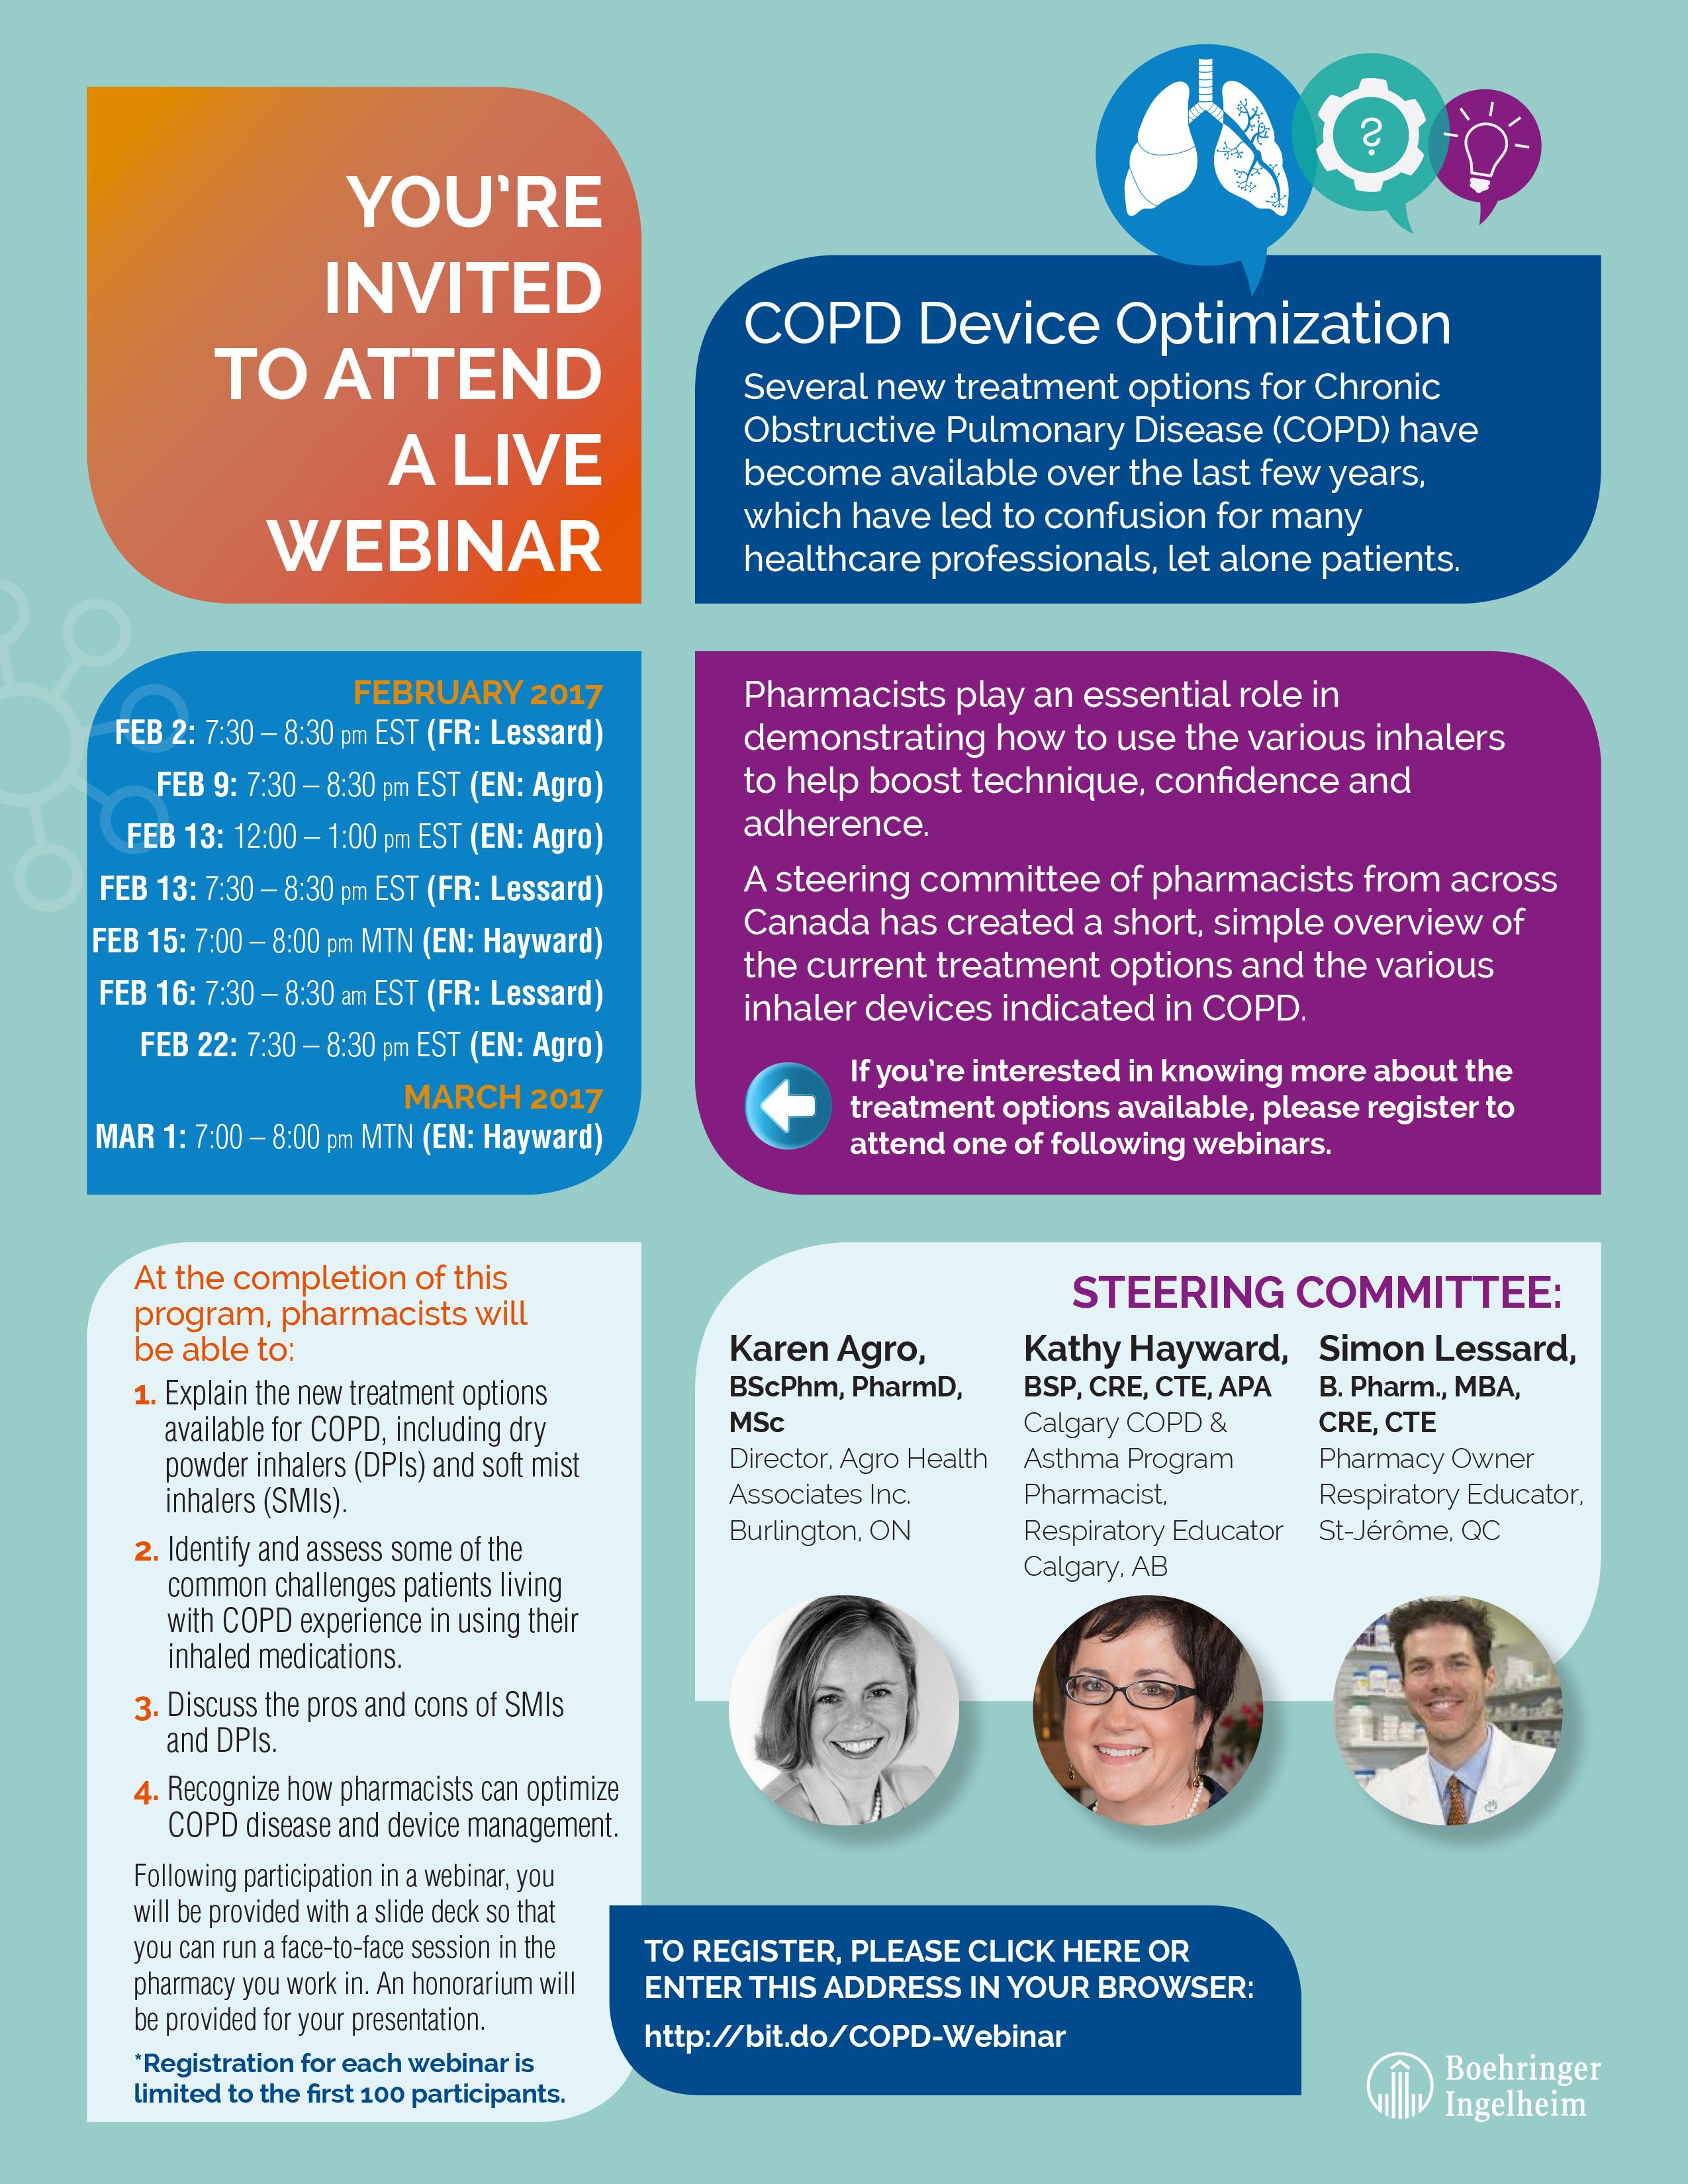 COPD Webinar Invite